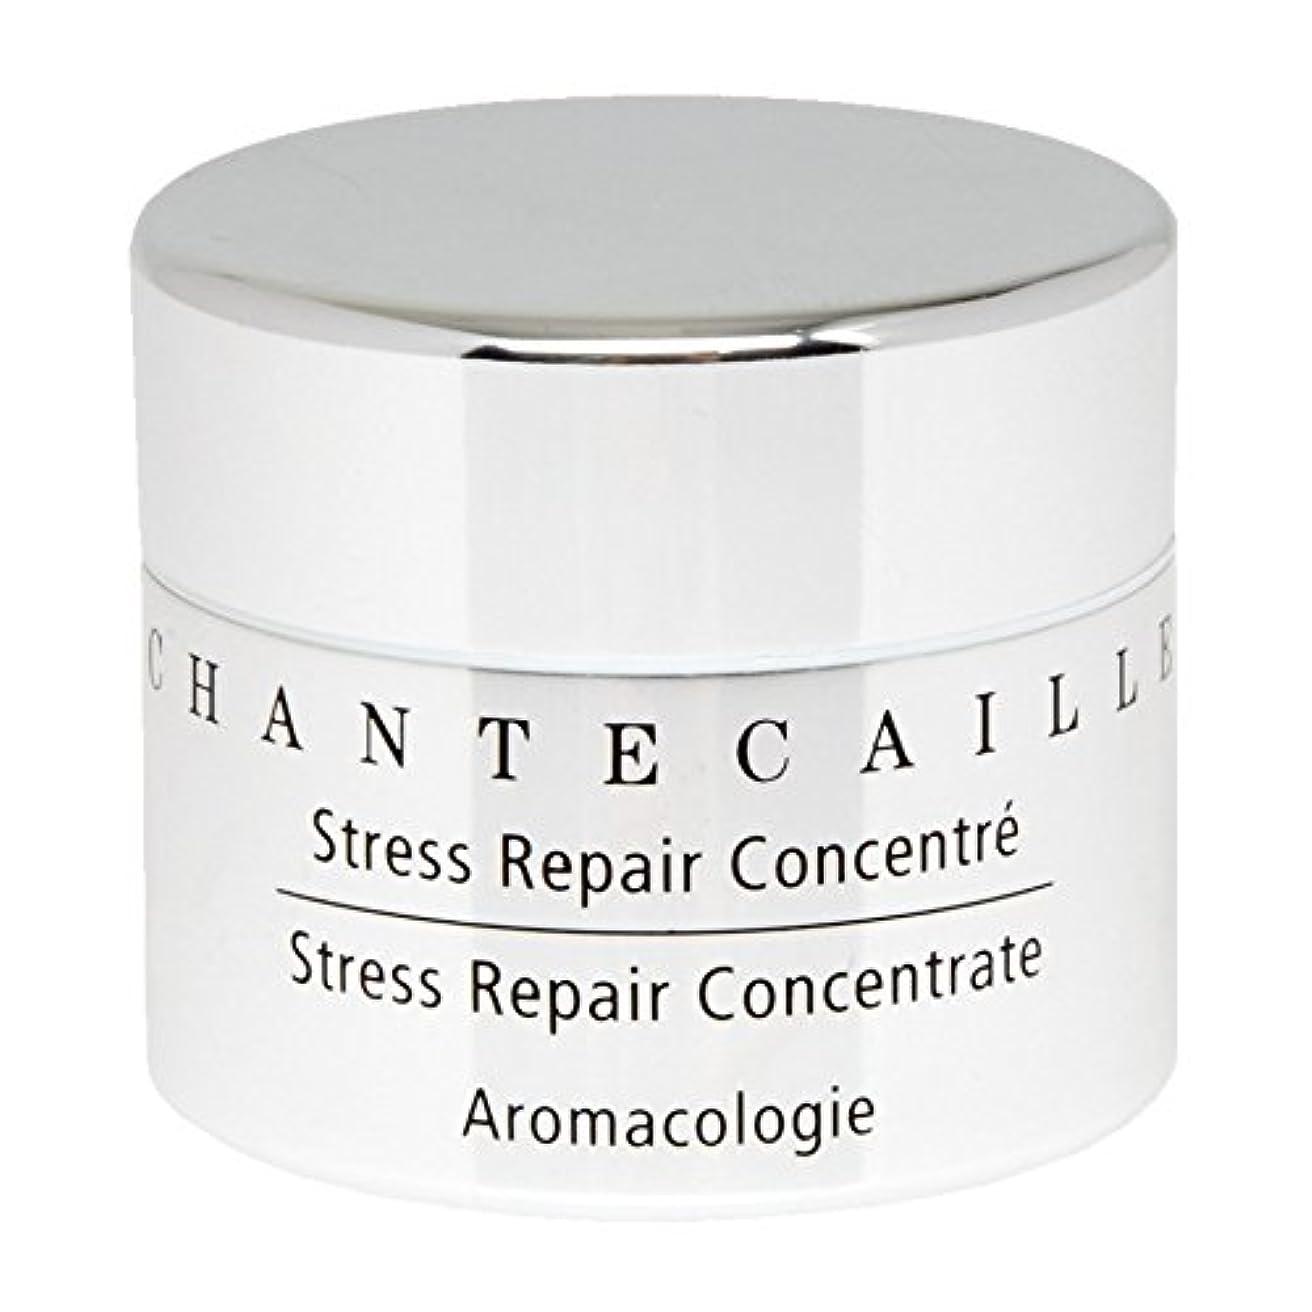 ペンフレンドバラエティフックChantecaille Stress Repair Concentrate 15ml - シャンテカイユストレス修復濃縮15ミリリットル [並行輸入品]